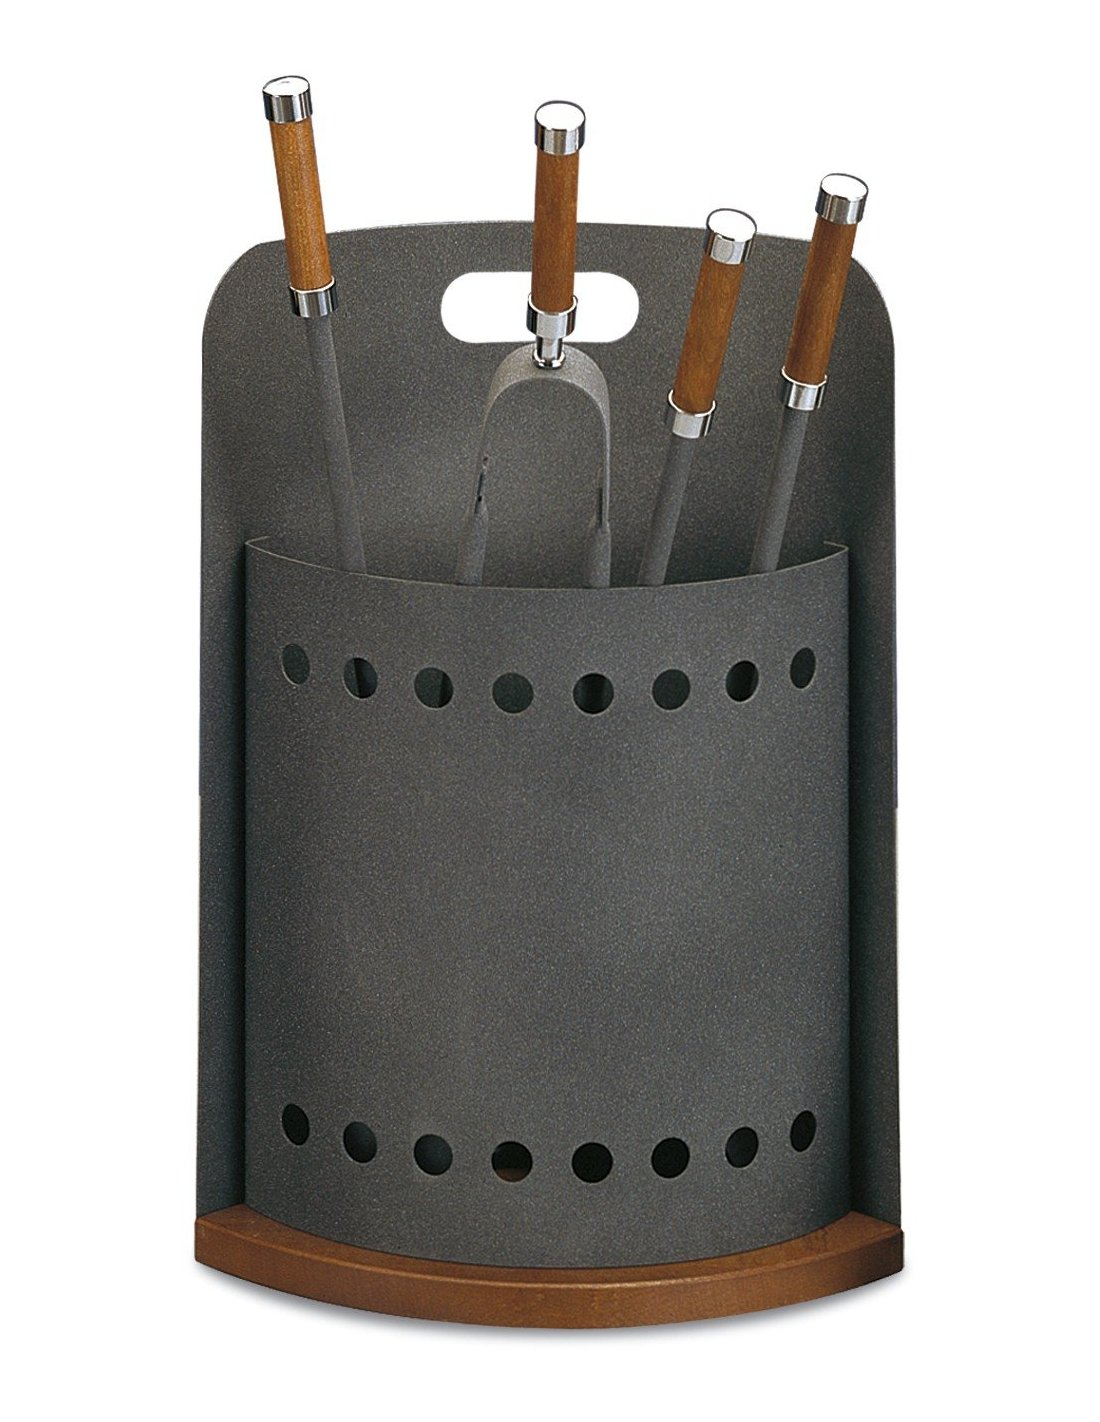 Juego accesorios para chimenea - Accesorios para chimeneas ...